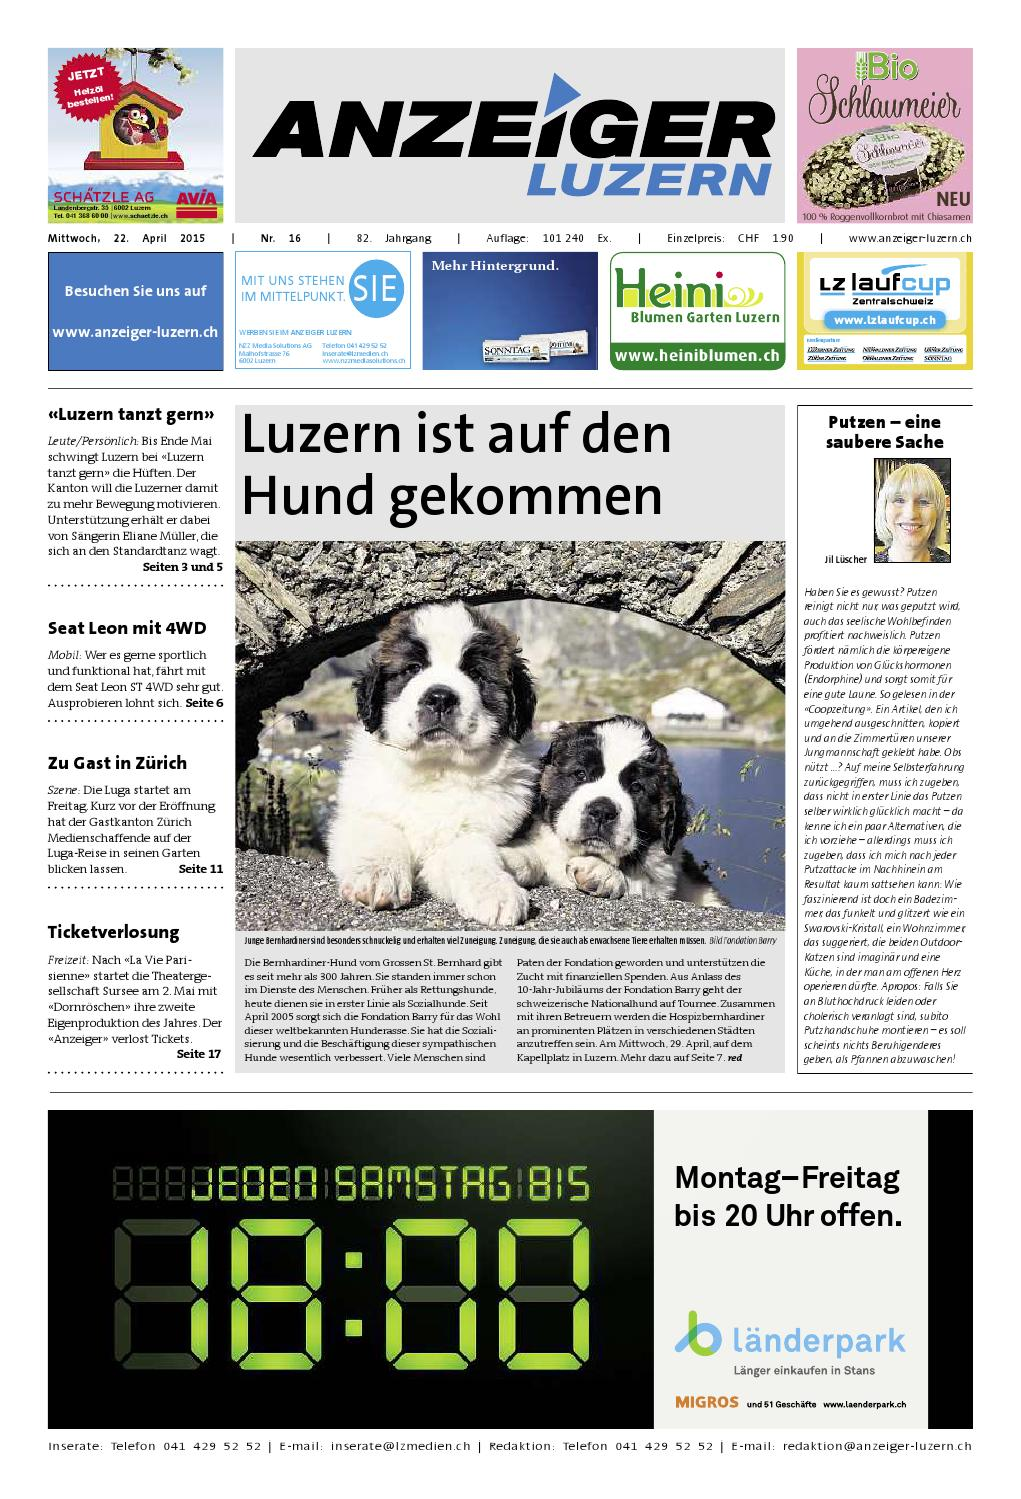 Anzeiger Luzern 16 / 22.04.2015 by Anzeiger-Luzern - issuu